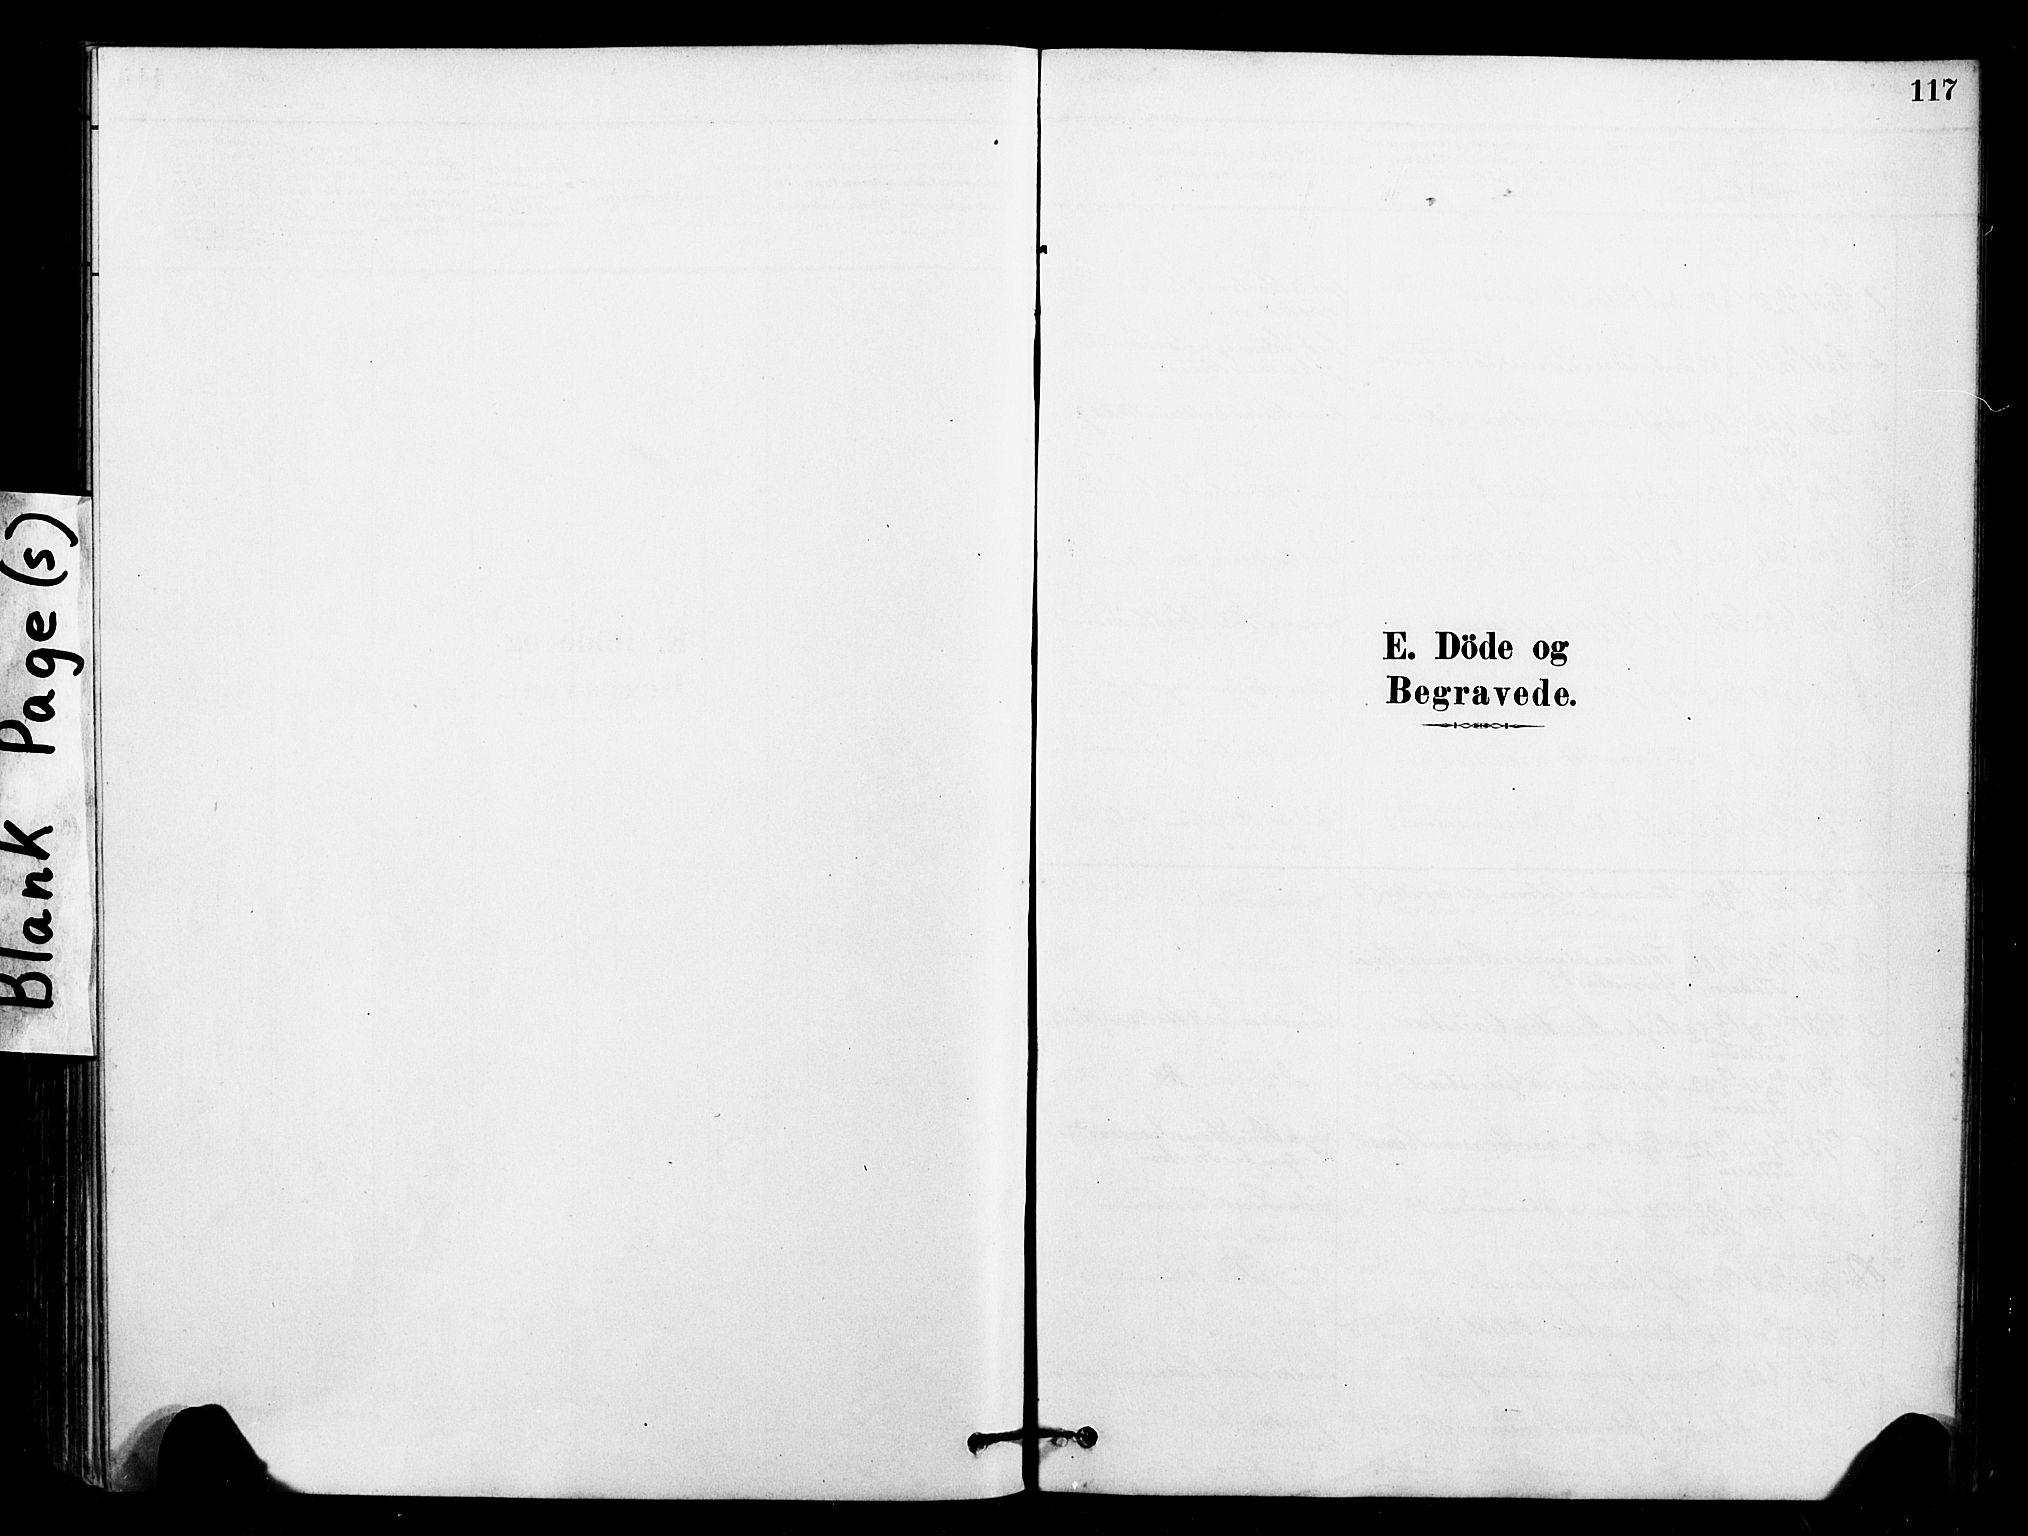 SAT, Ministerialprotokoller, klokkerbøker og fødselsregistre - Sør-Trøndelag, 641/L0595: Ministerialbok nr. 641A01, 1882-1897, s. 117